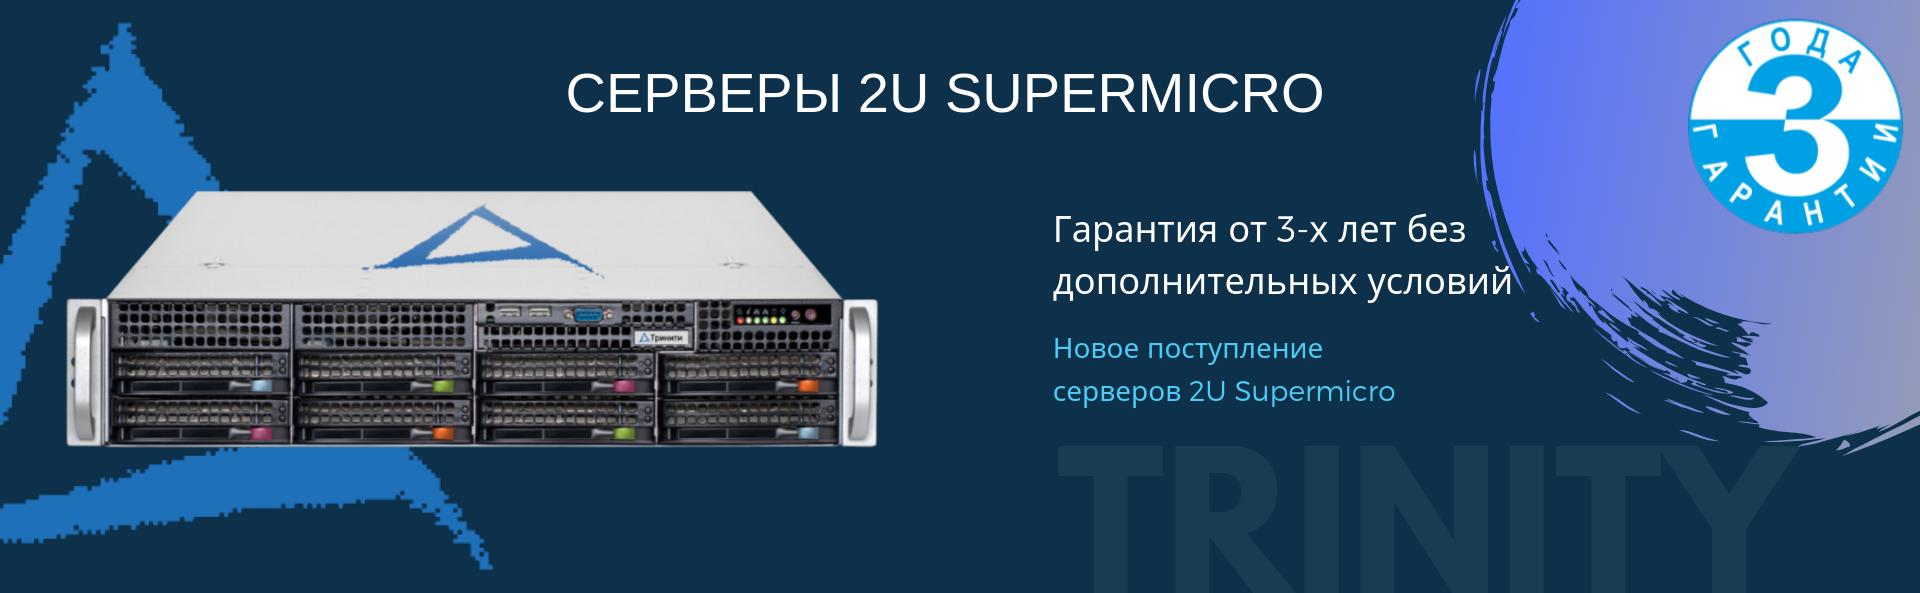 Серверы 2U